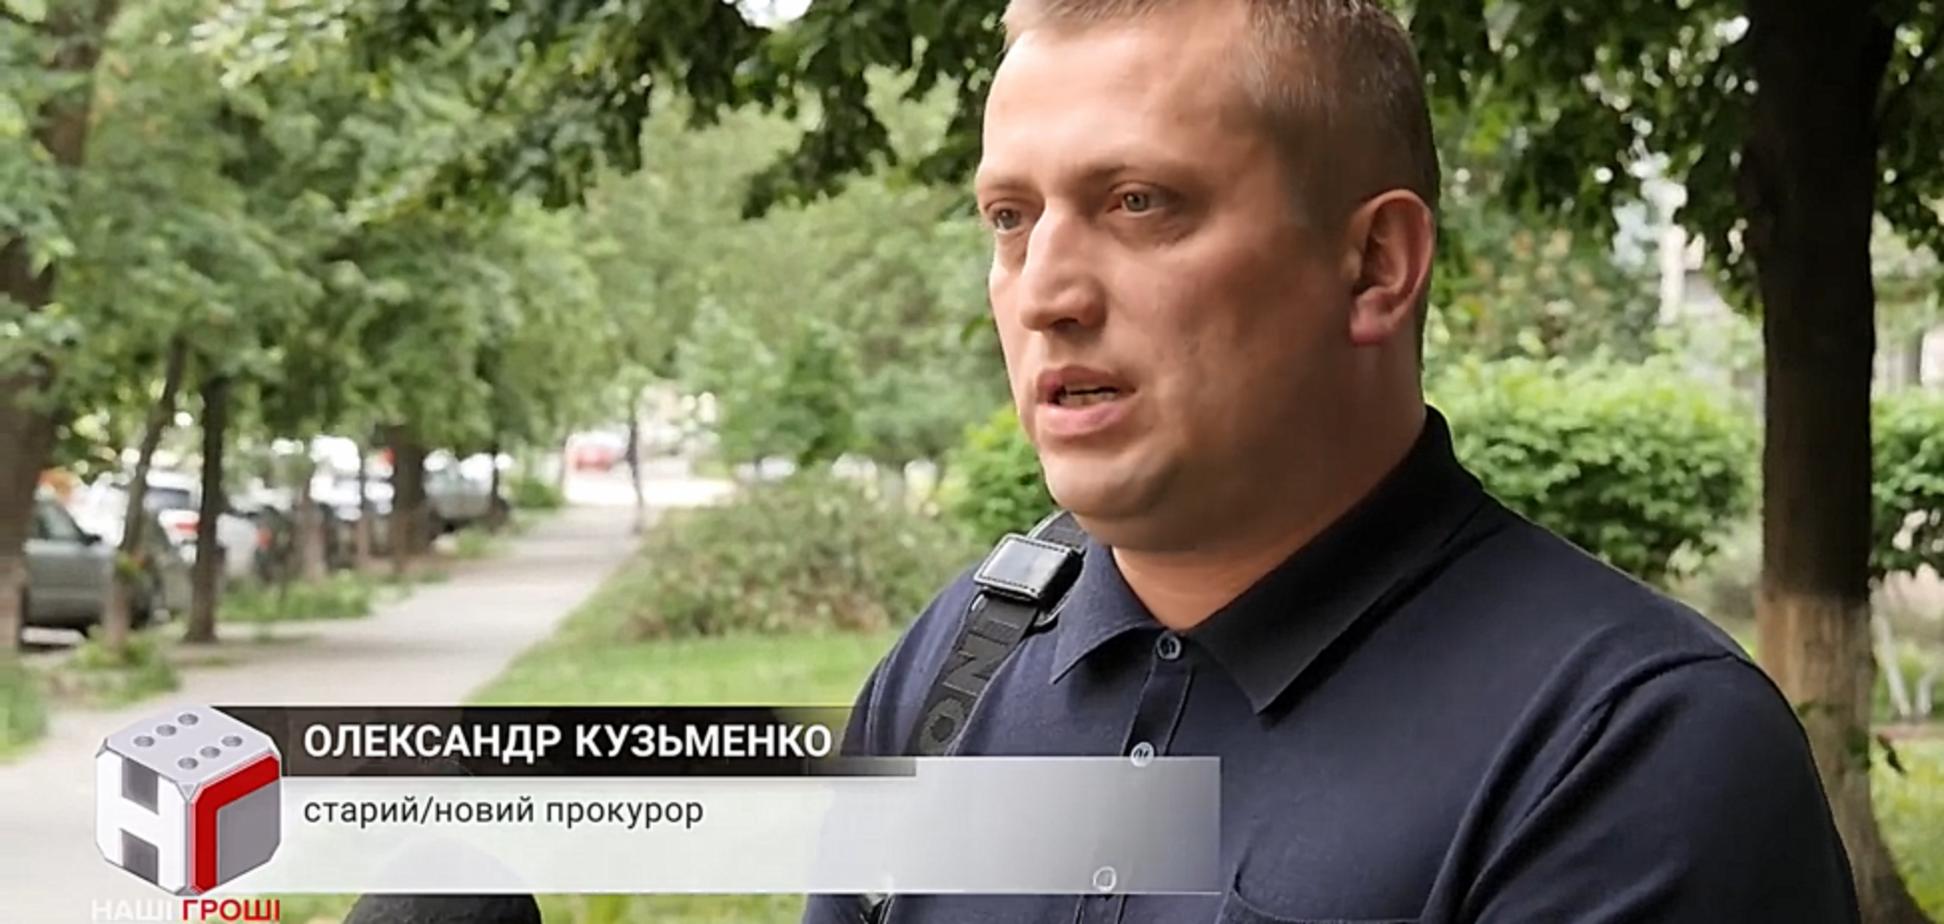 Виплатять 300 тис. грн: в Україні вперше поновили на посаді люстрованого прокурора